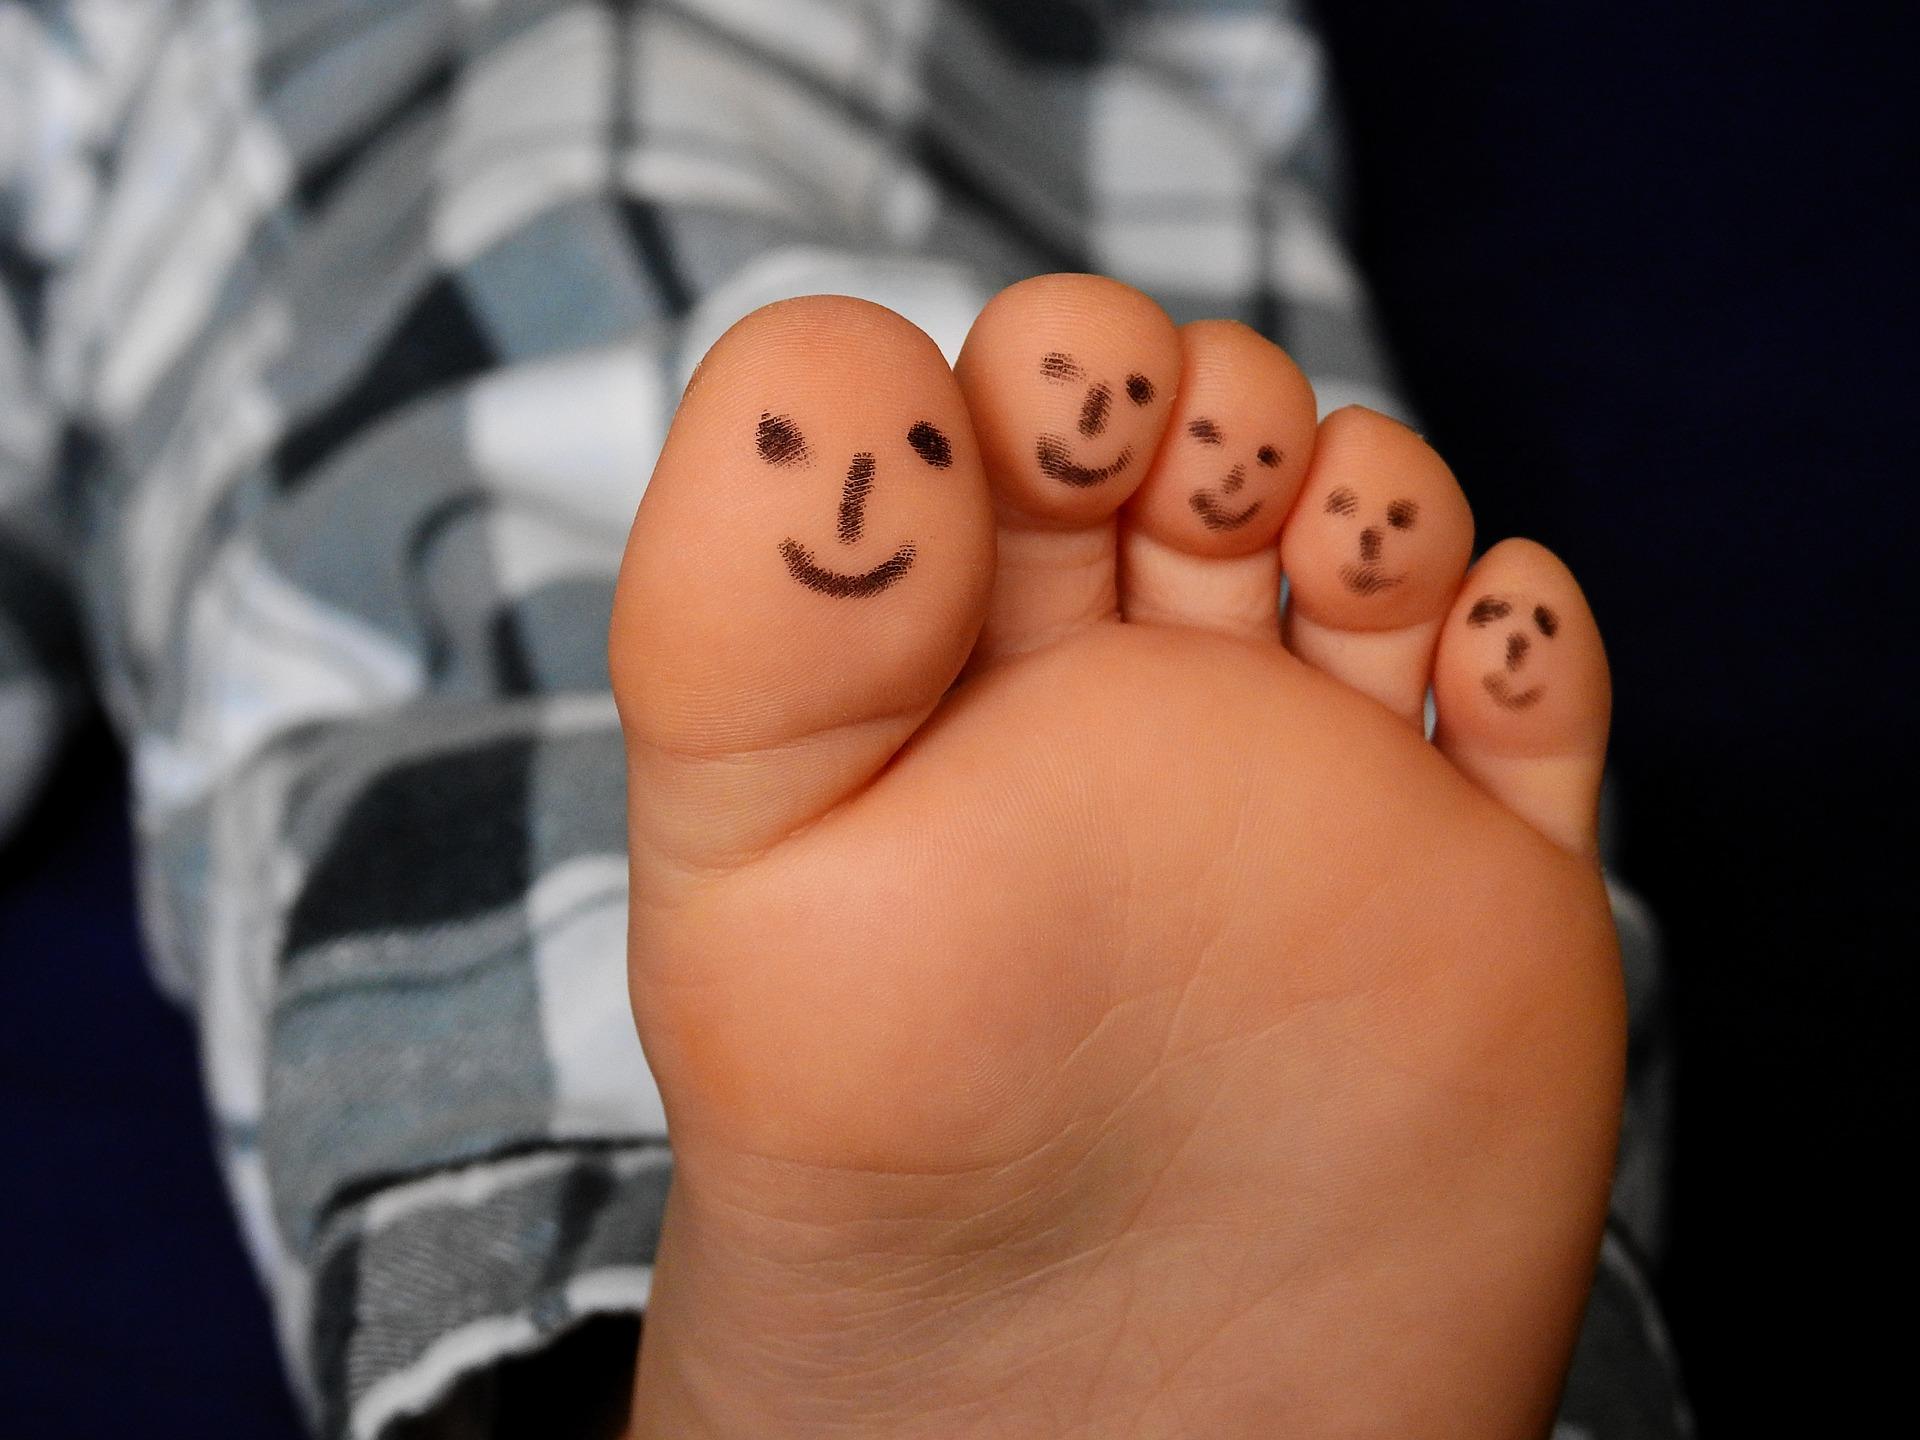 Barefoot smily feet